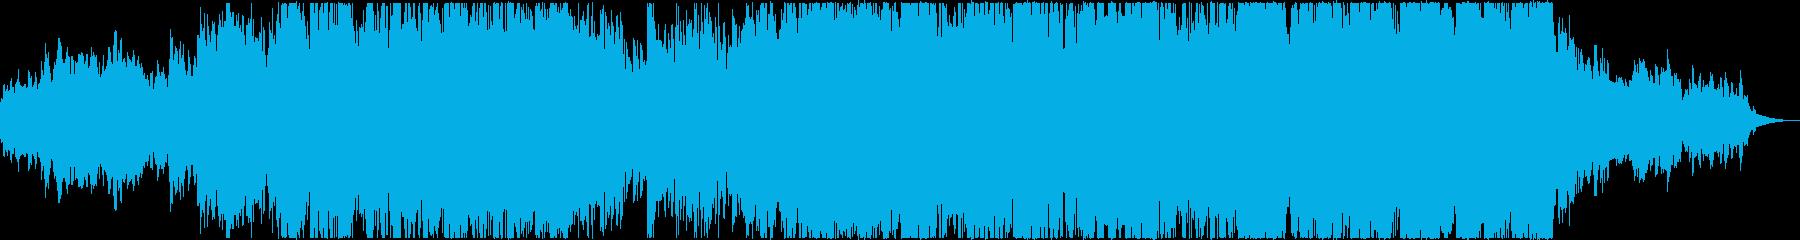 アンビエントでインスピレーションのある曲の再生済みの波形